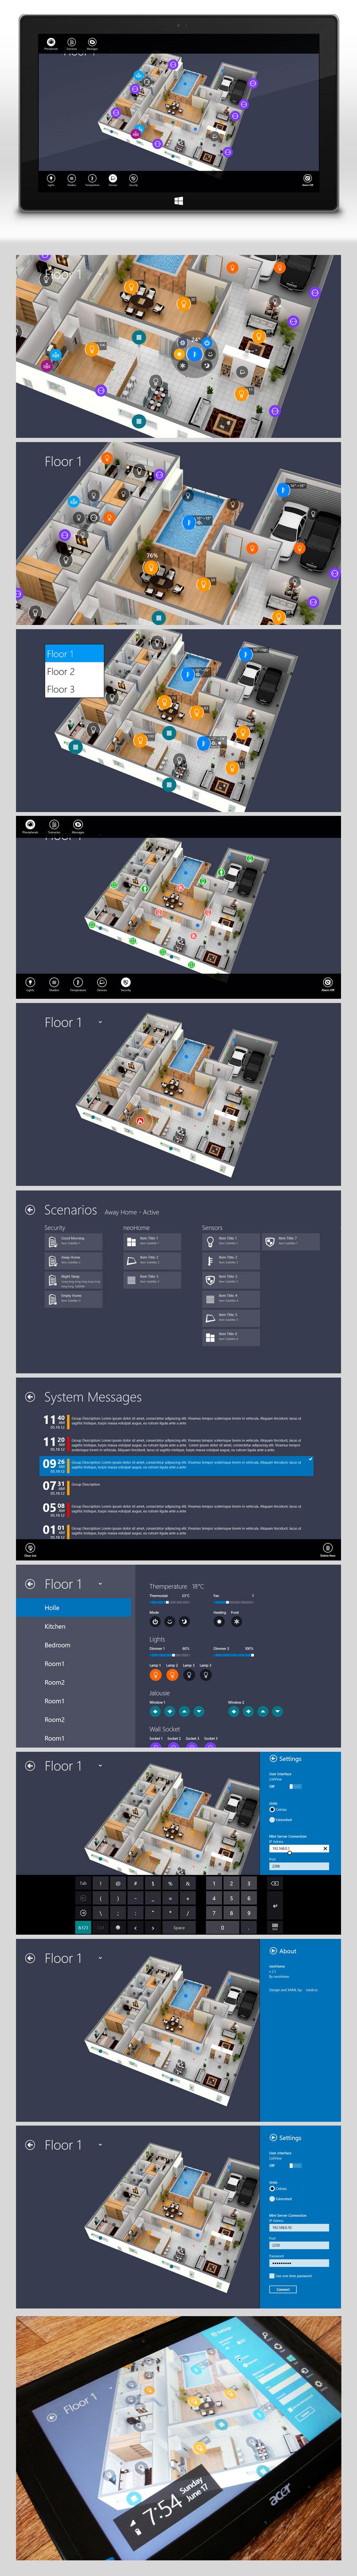 Умный дом | Windows 8